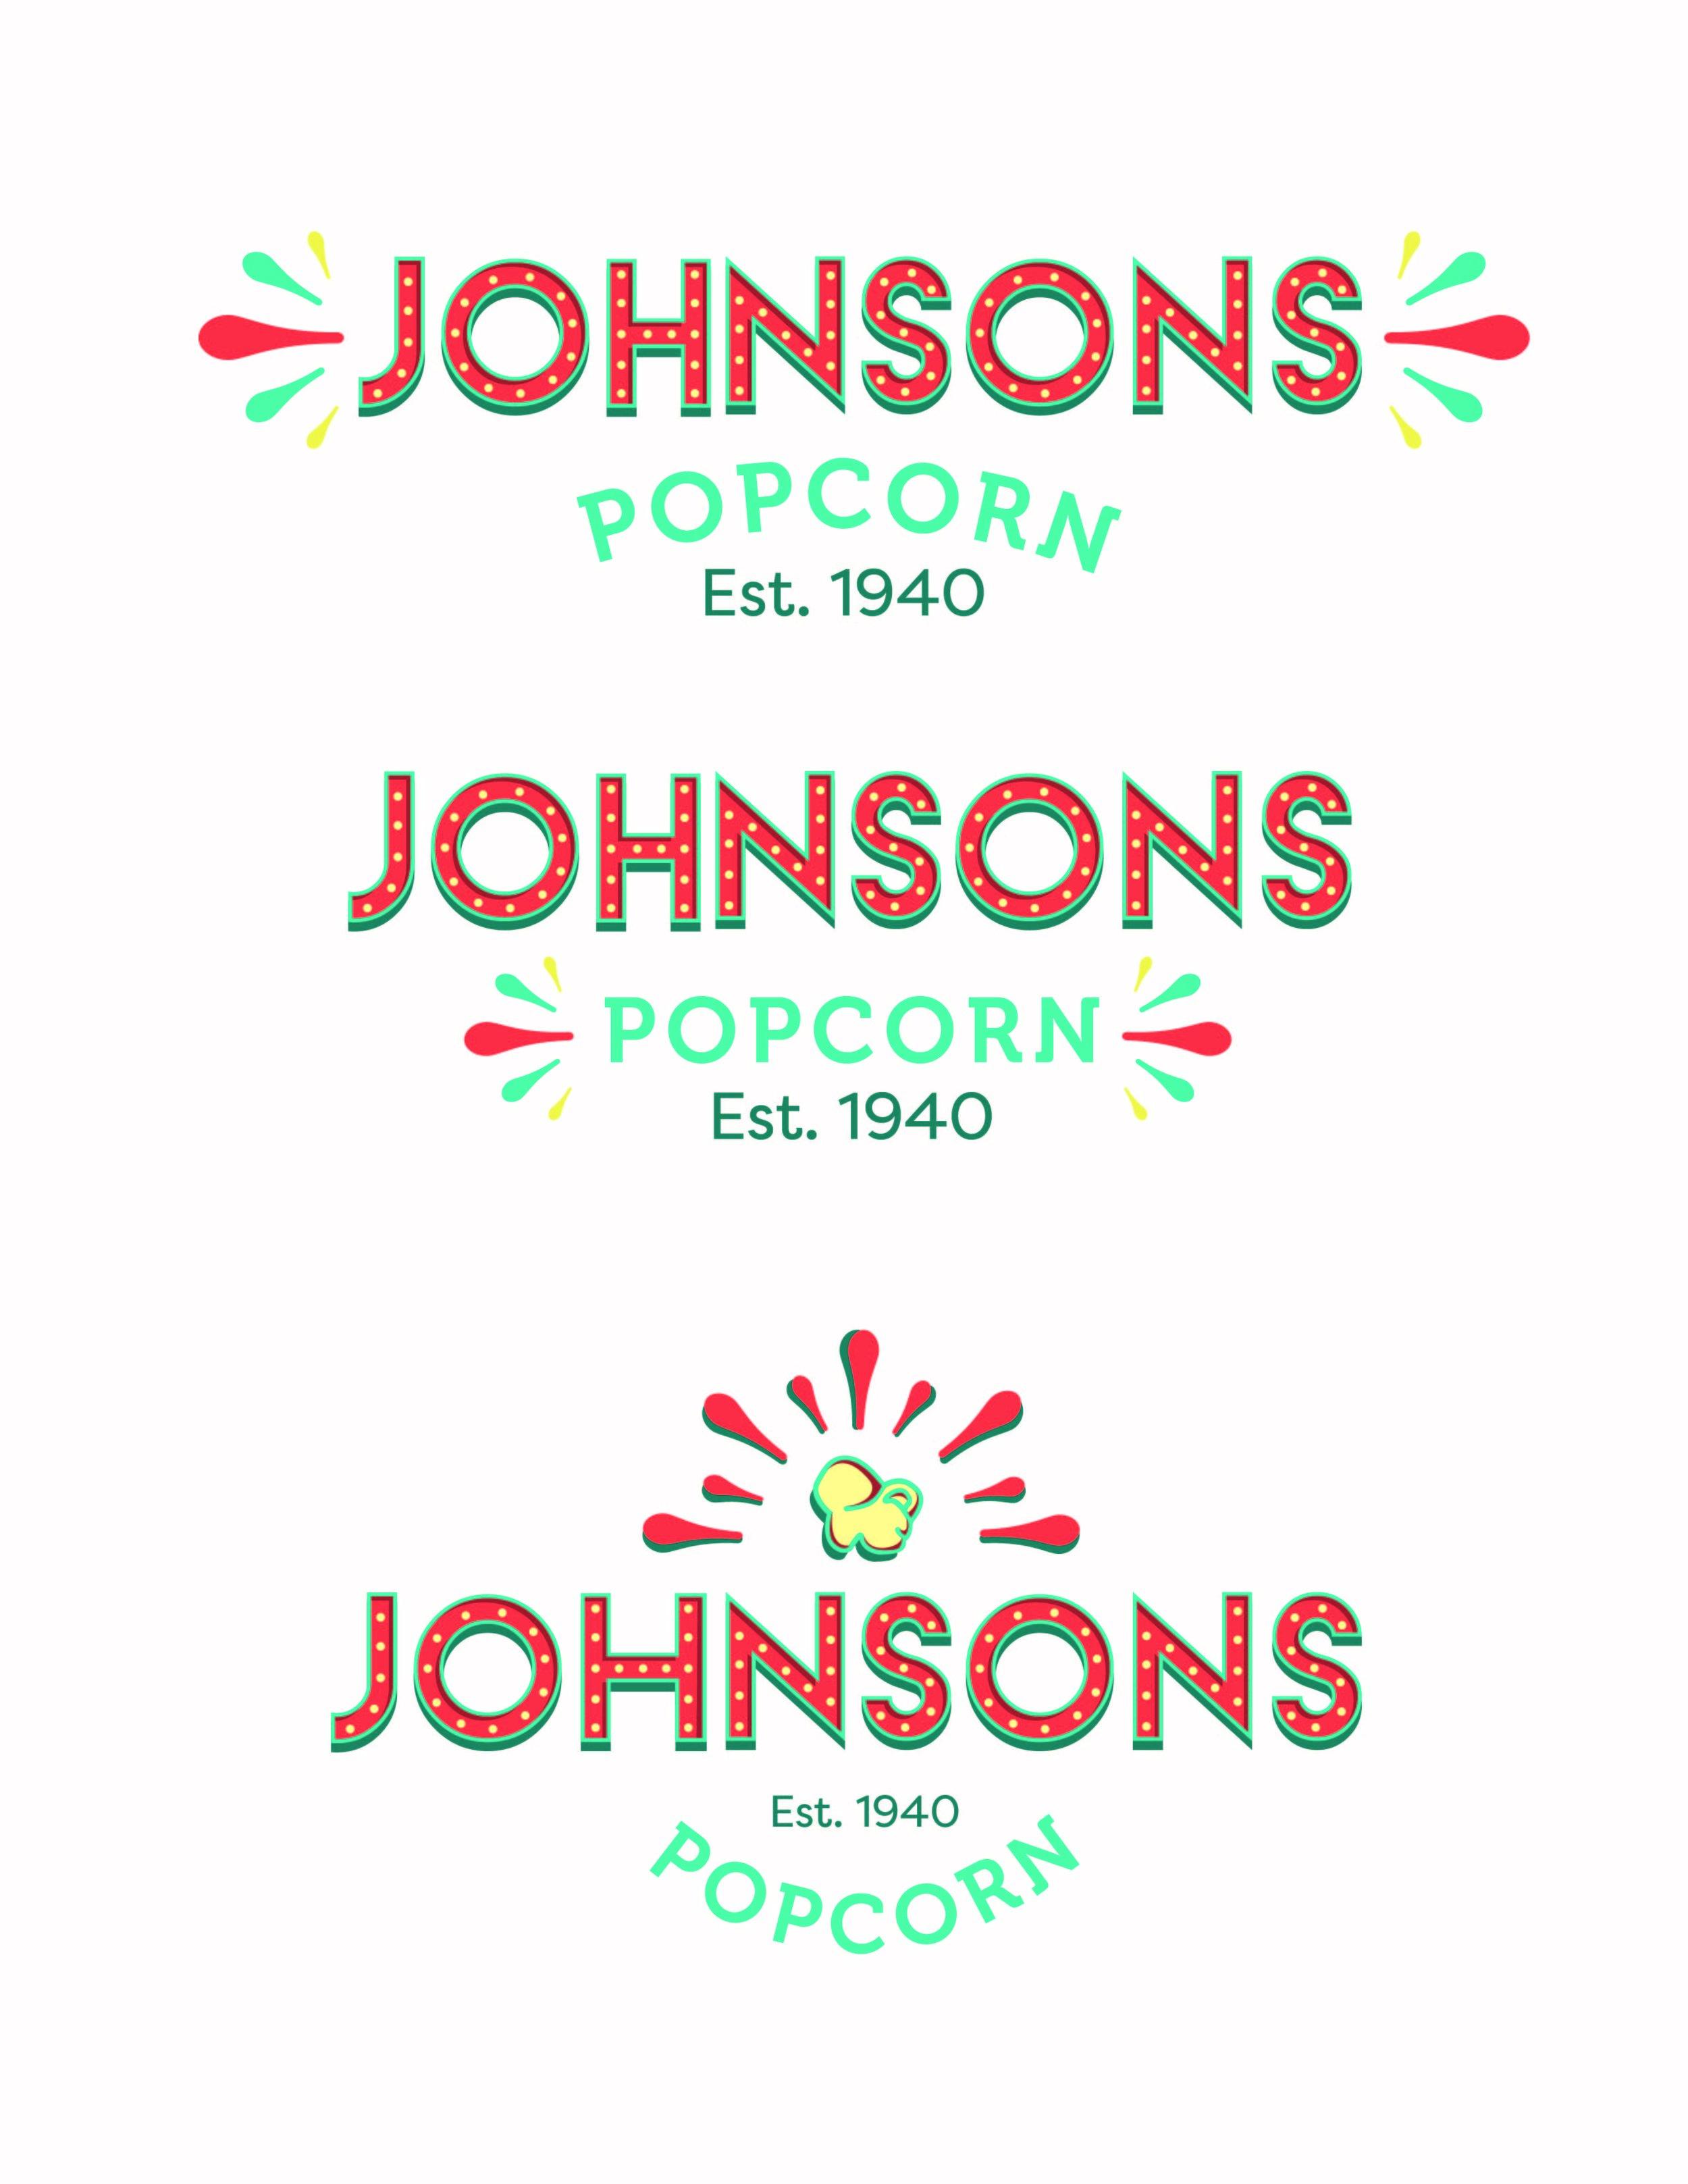 johnsons popcorn logo ideas2-02.jpg